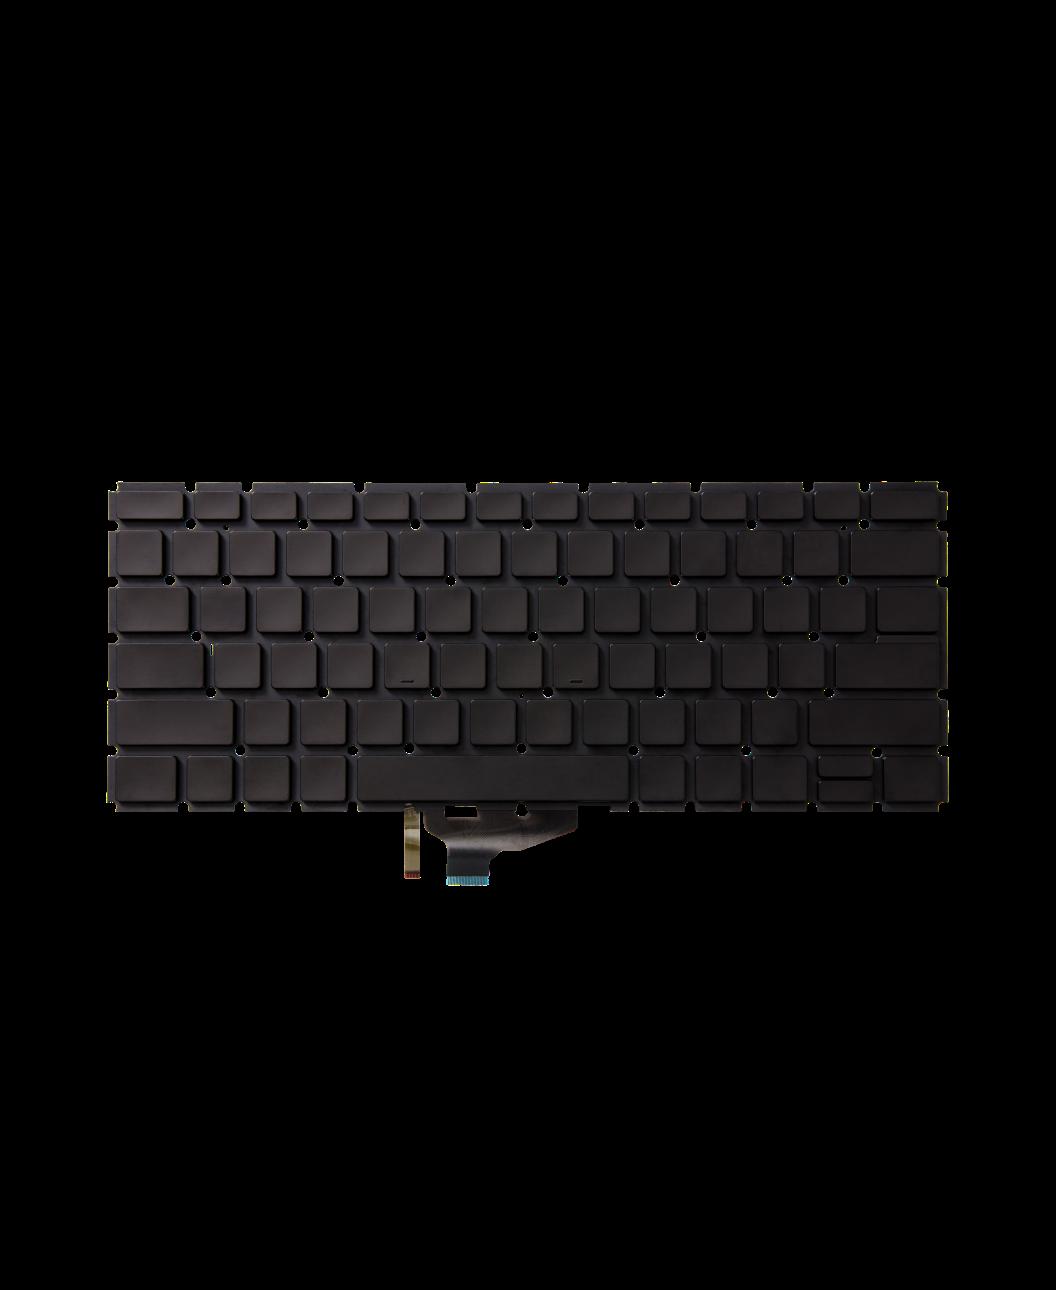 Framework Keyboard Blank ANSI Black